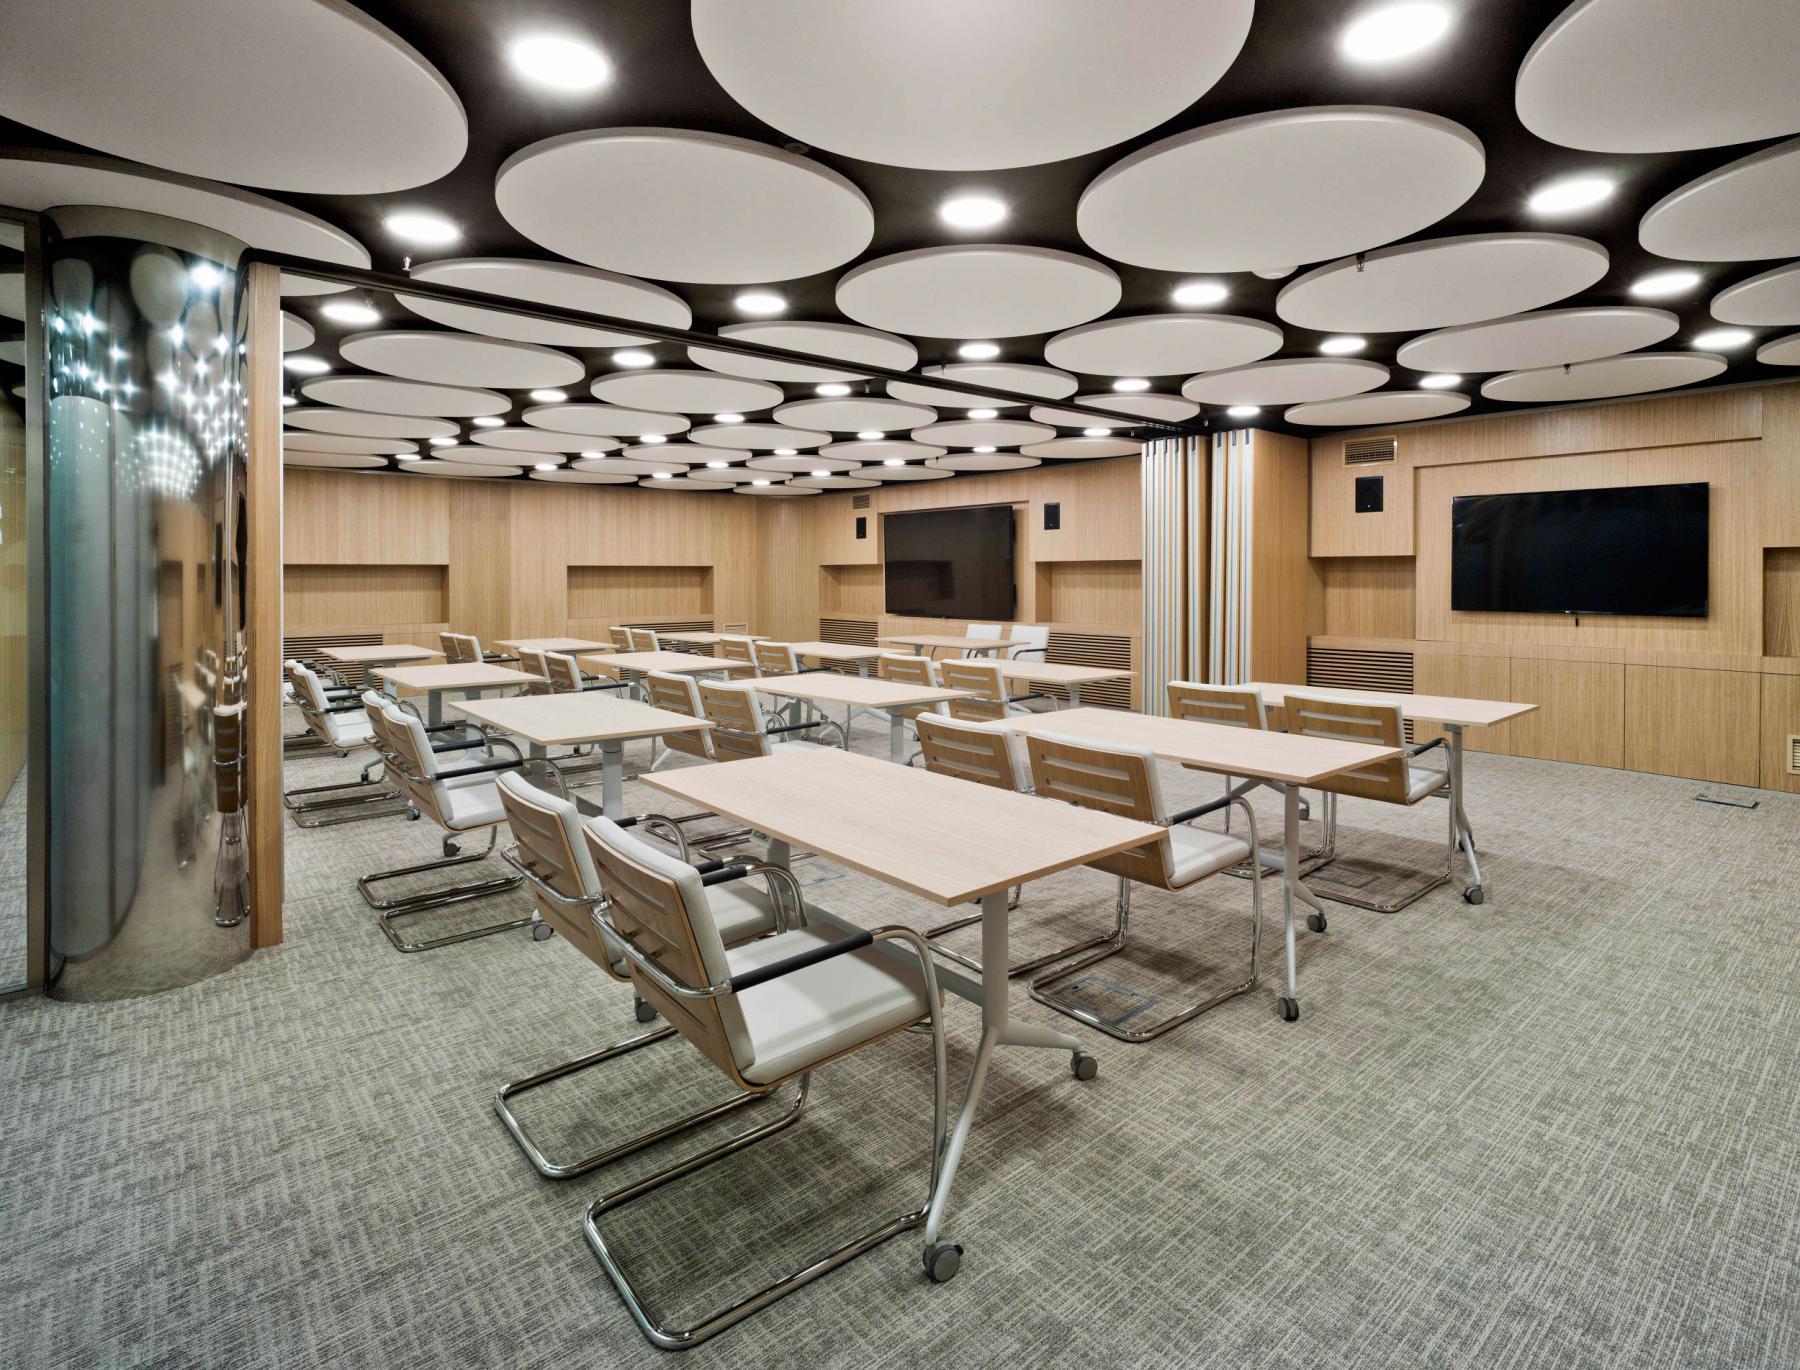 Alquilar oficinas Paseo de la Castellana 81, Madrid (6)